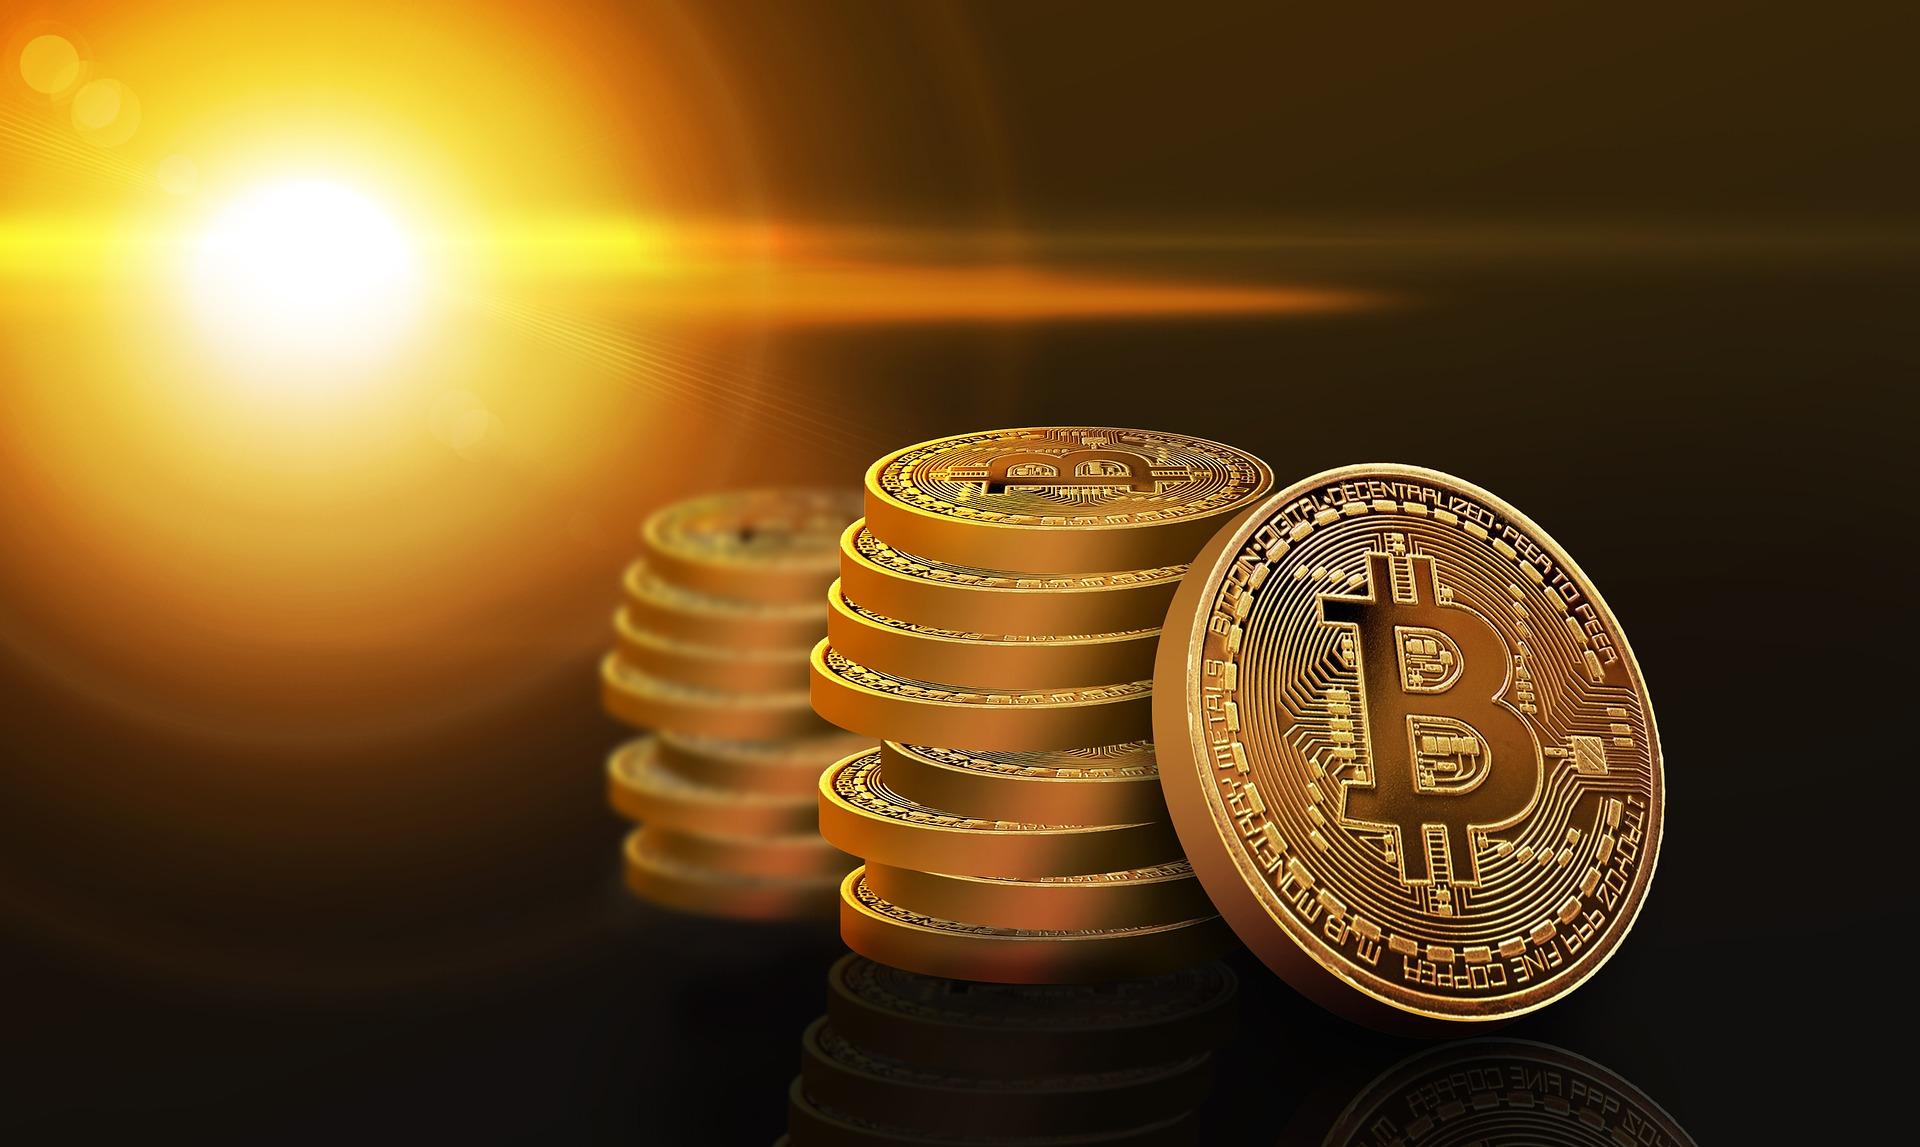 Popüler Analistler Bitcoin Yarılanması Öncesi BTC'nin Göreceği Seviyeleri Açıkladı